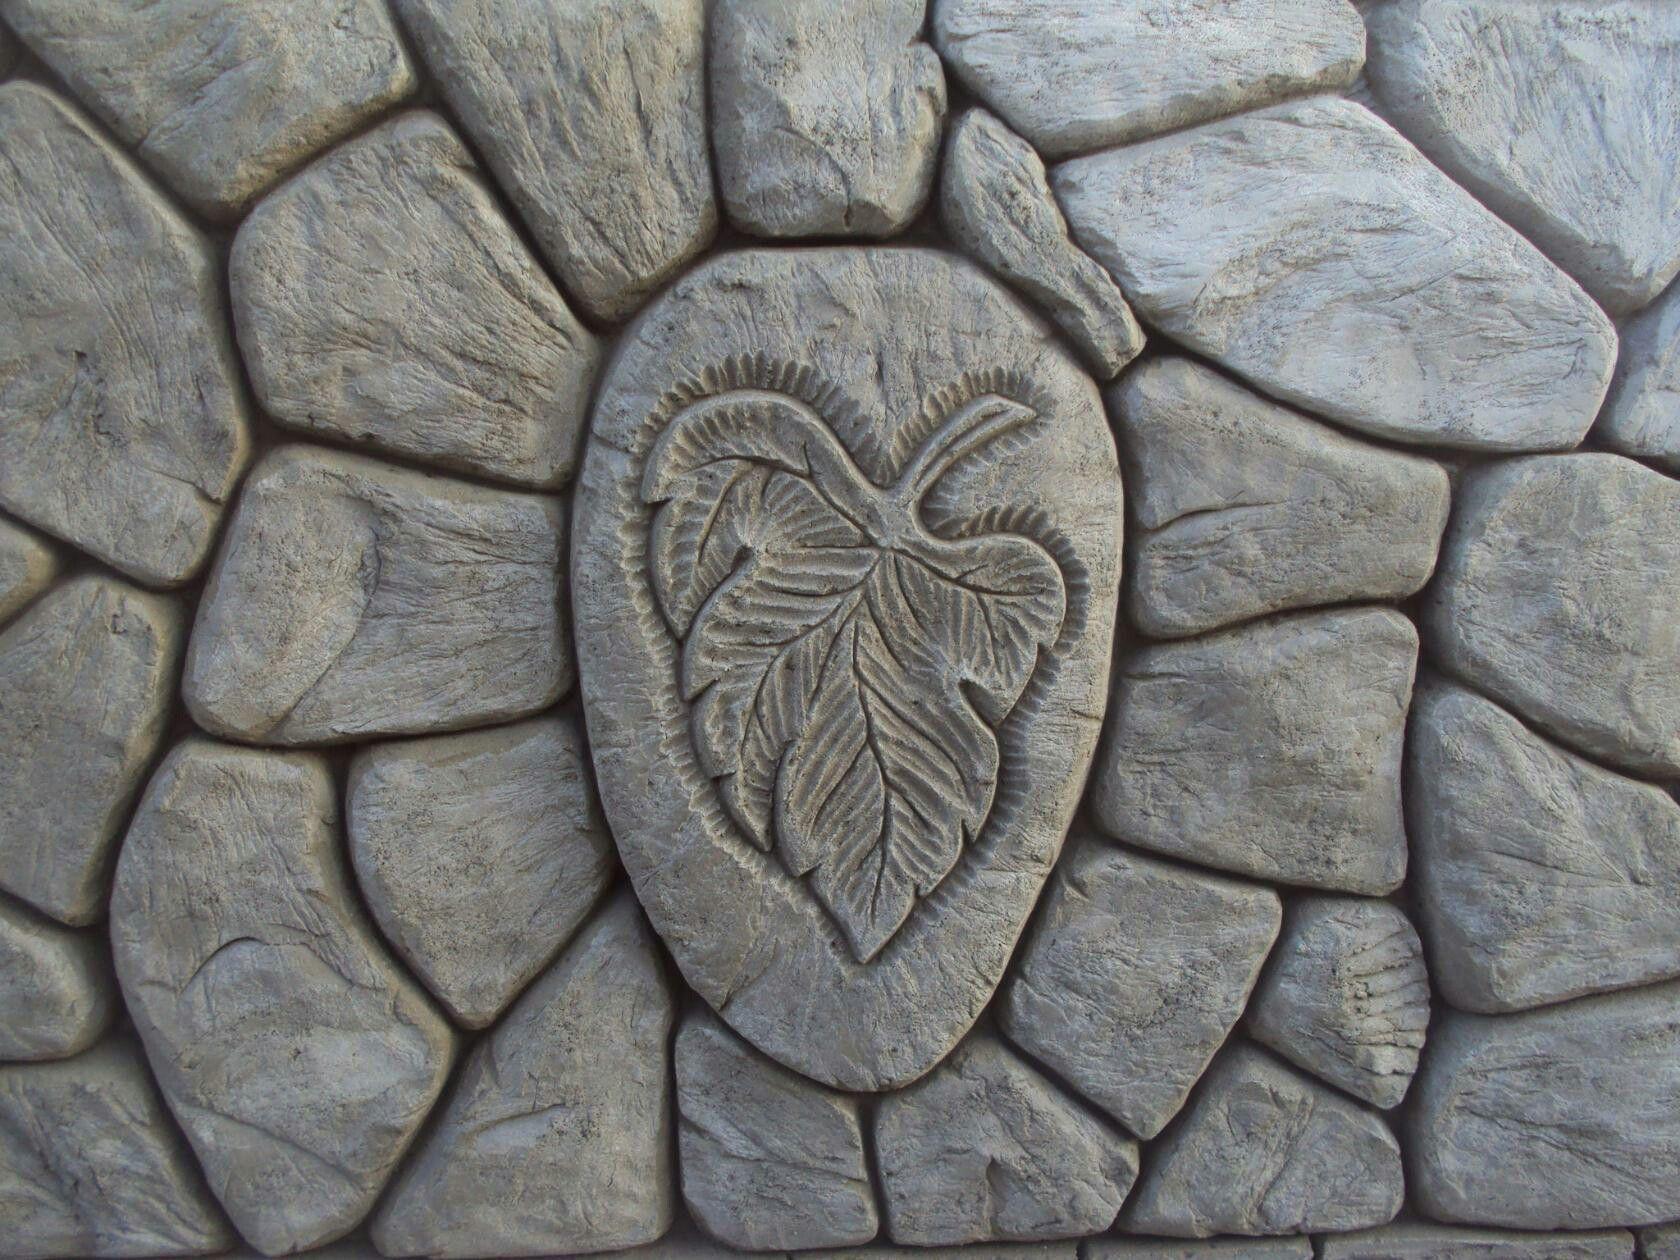 картинки лепка по бетону мой